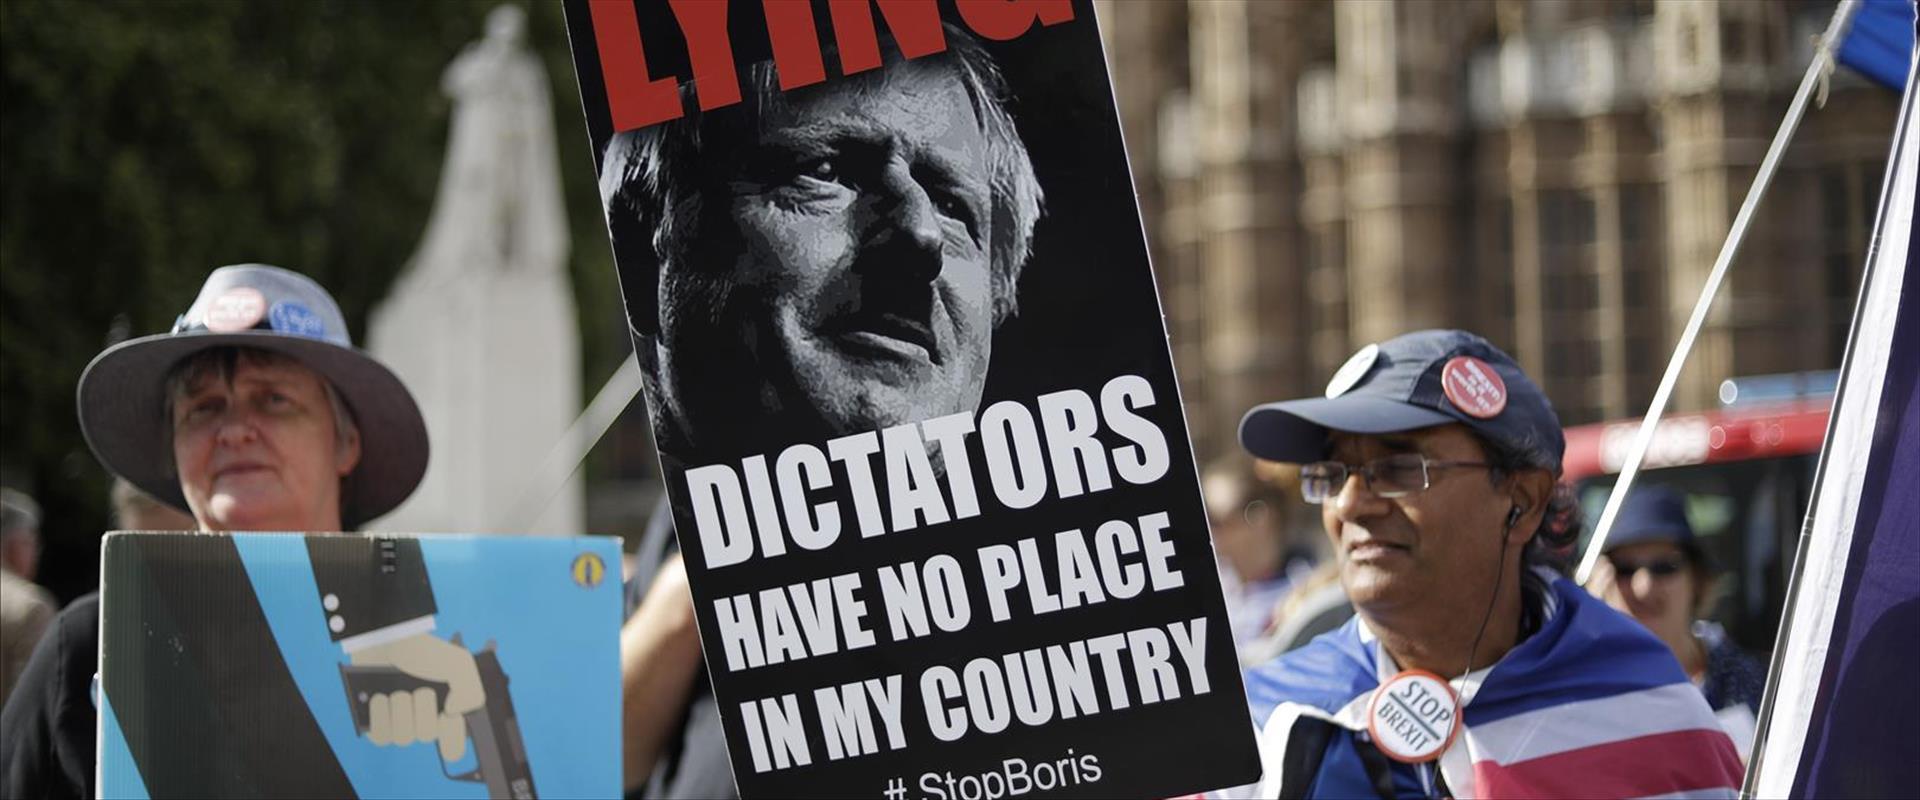 מפגינים נגד ג'ונסון מחוץ לפרלמנט בלונדון, היום